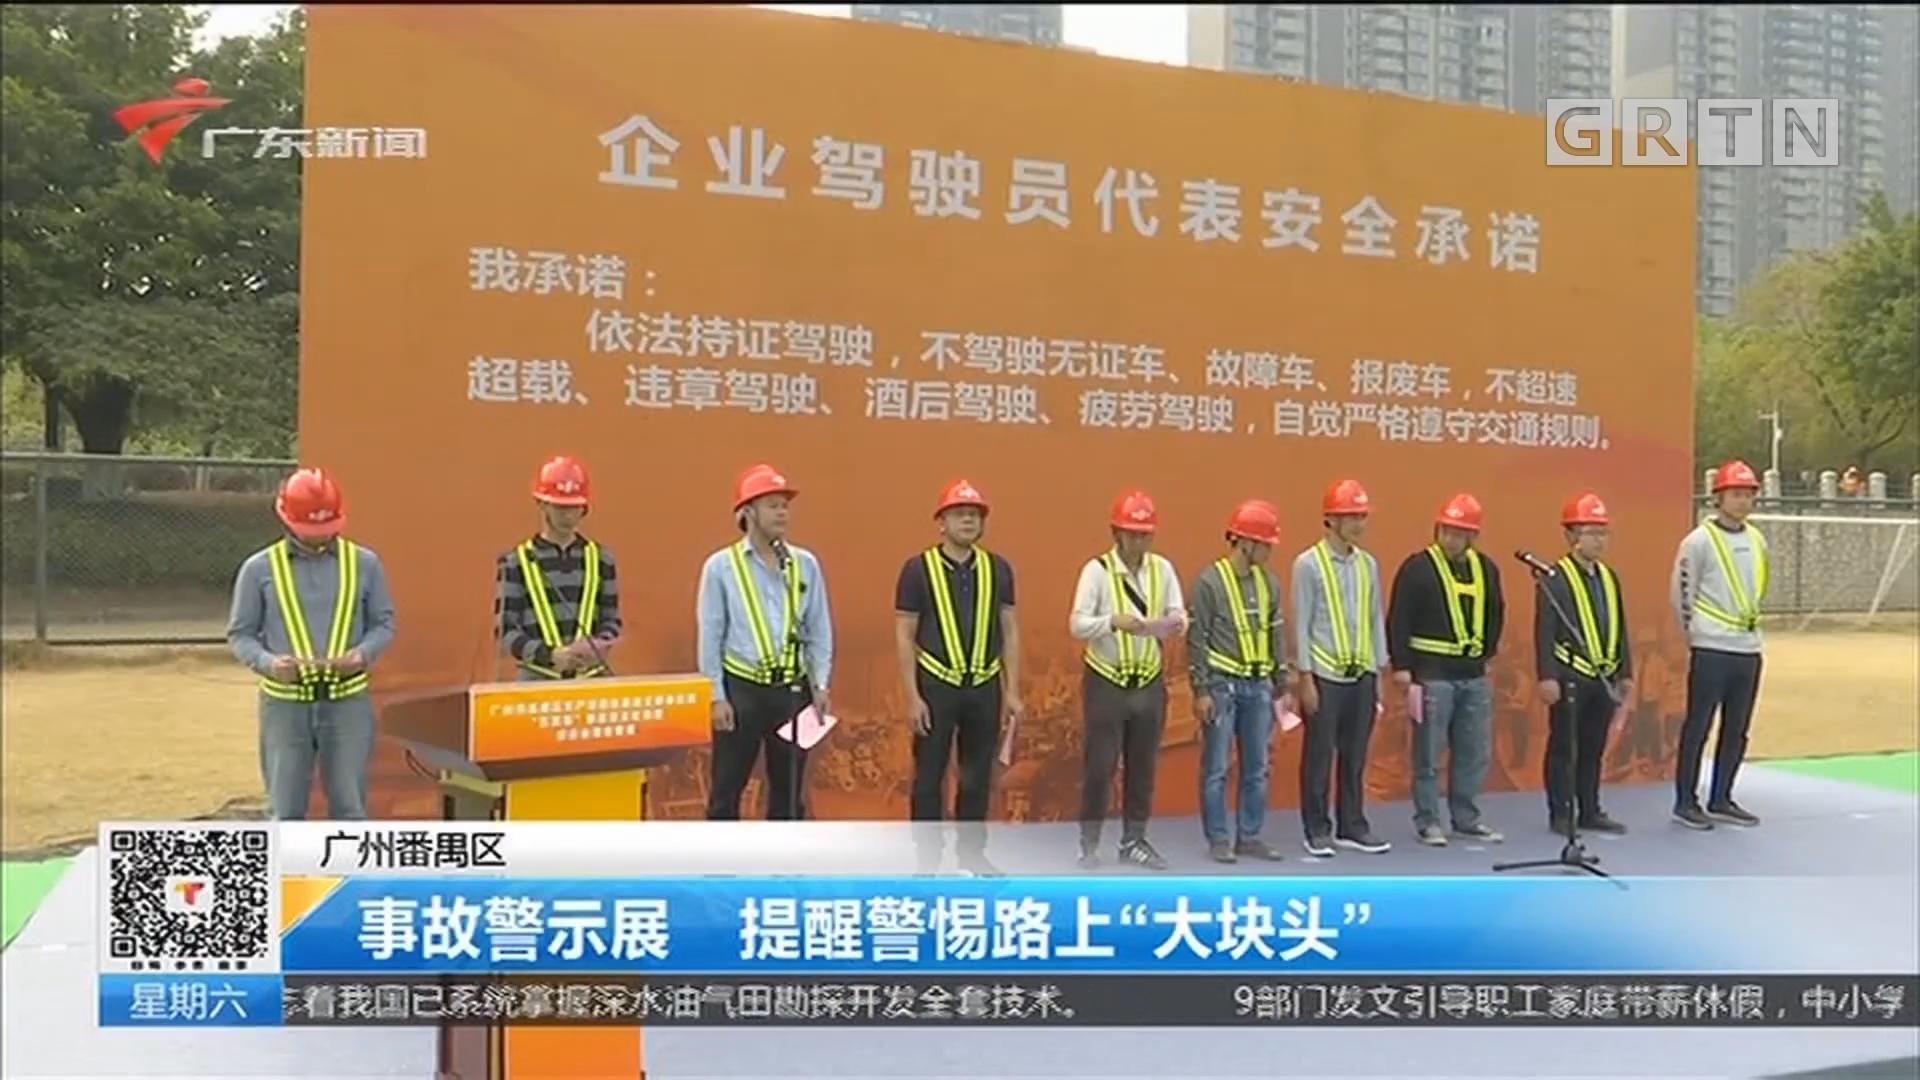 """广州番禺区 事故警示展 提醒警惕路上""""大块头"""""""